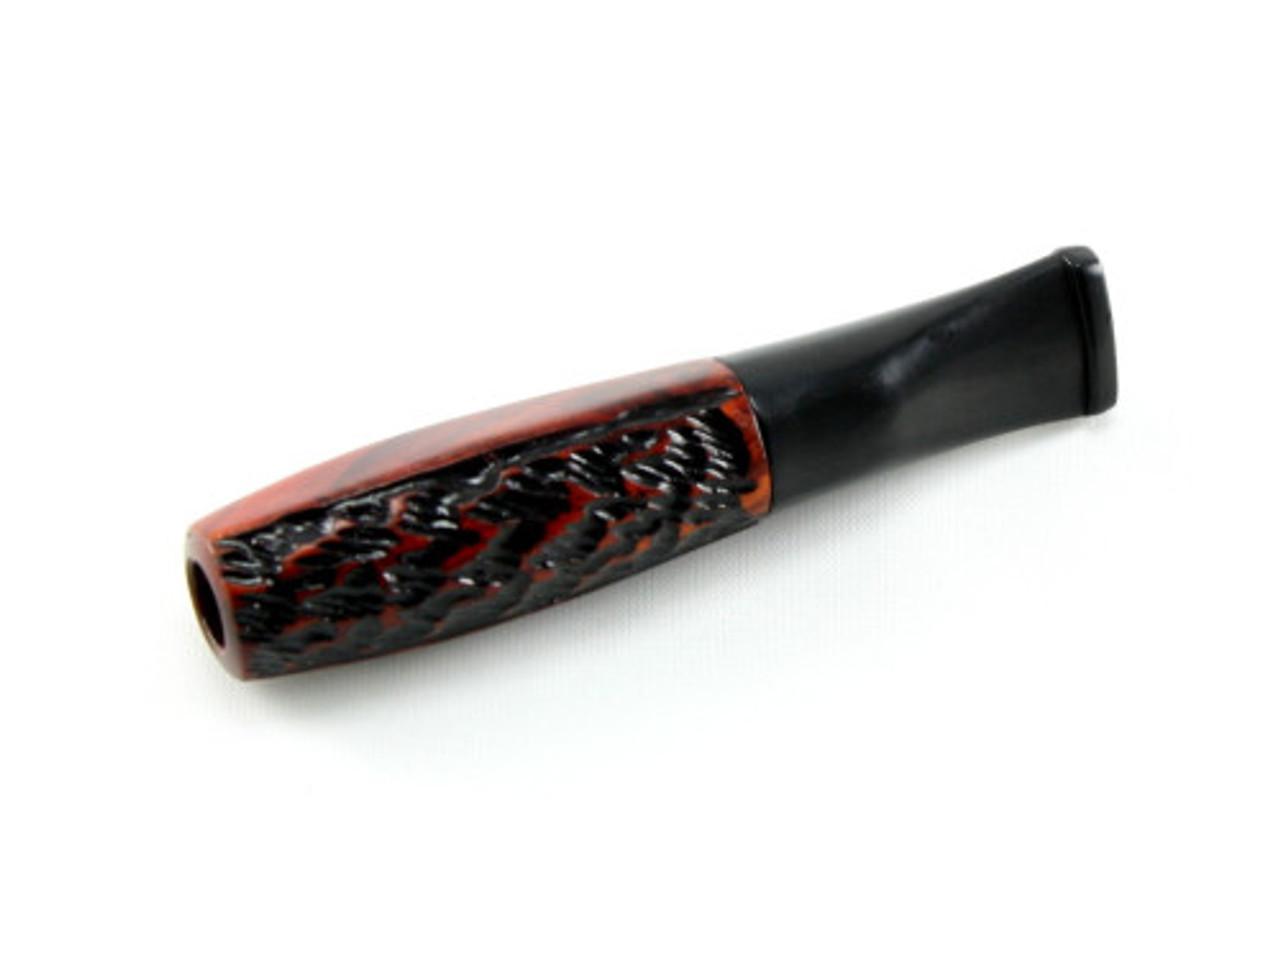 Carved Rosewood Filtered Cigarette Holder